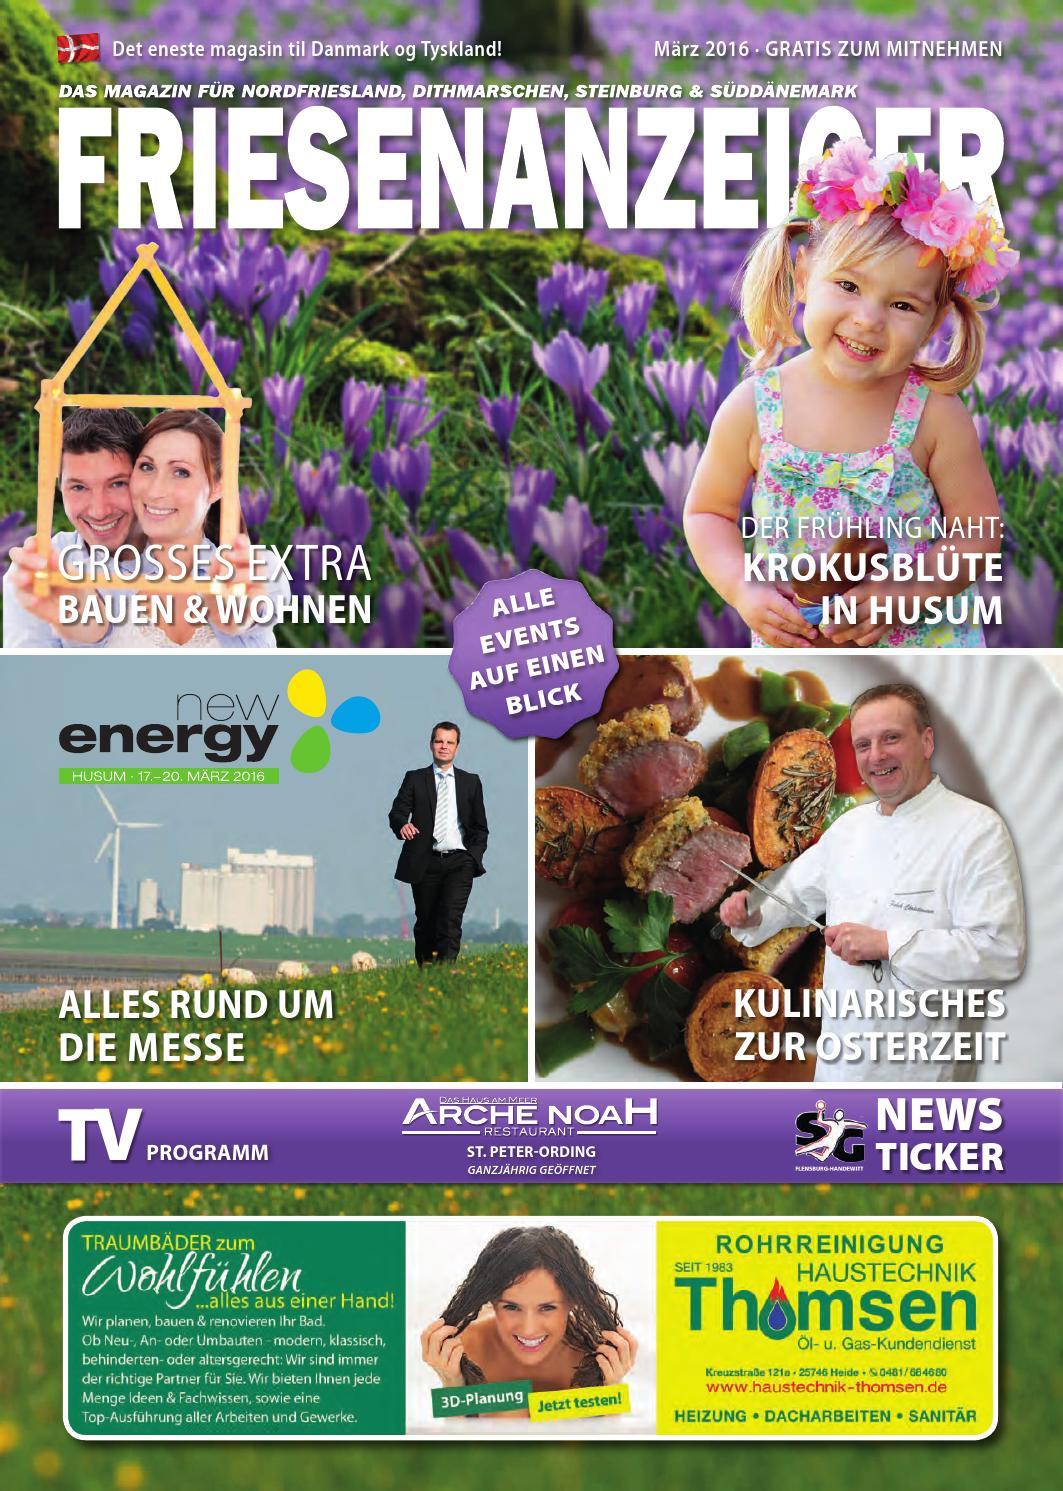 Friesenanzeiger sonderausgabe 2015/2016 by new media works   issuu